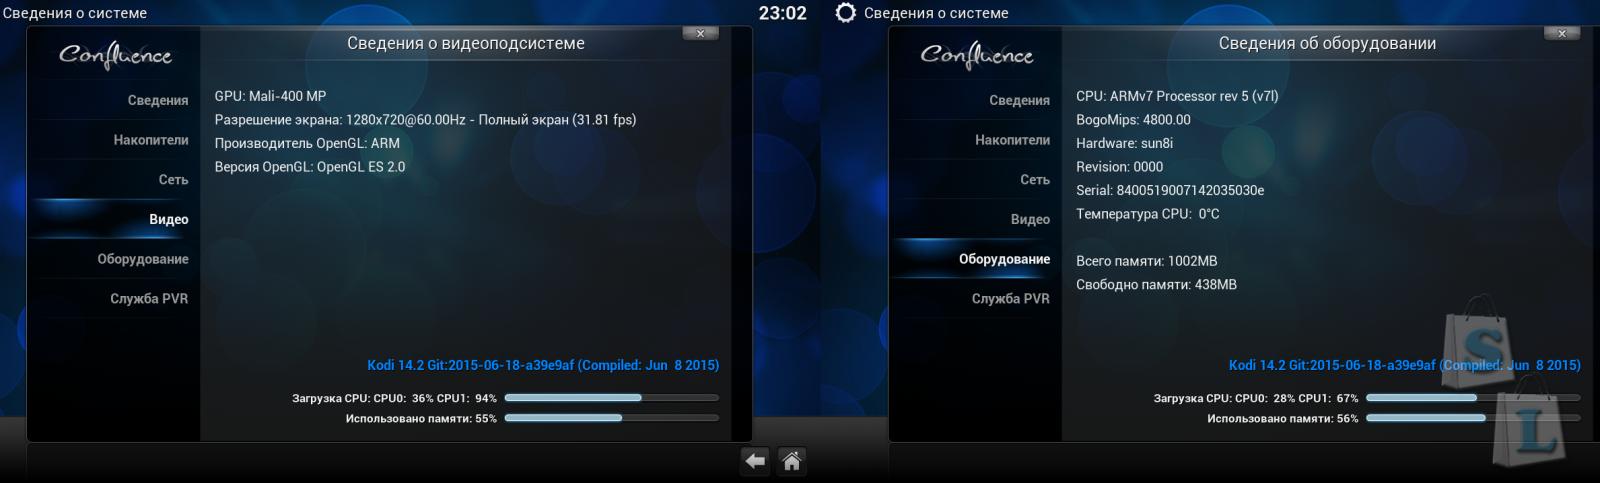 Geekbuying: Обзор мультимедиа приставки Zidoo Х1 с поддержкой 3D, 4k видео и простой настройкой IPTV